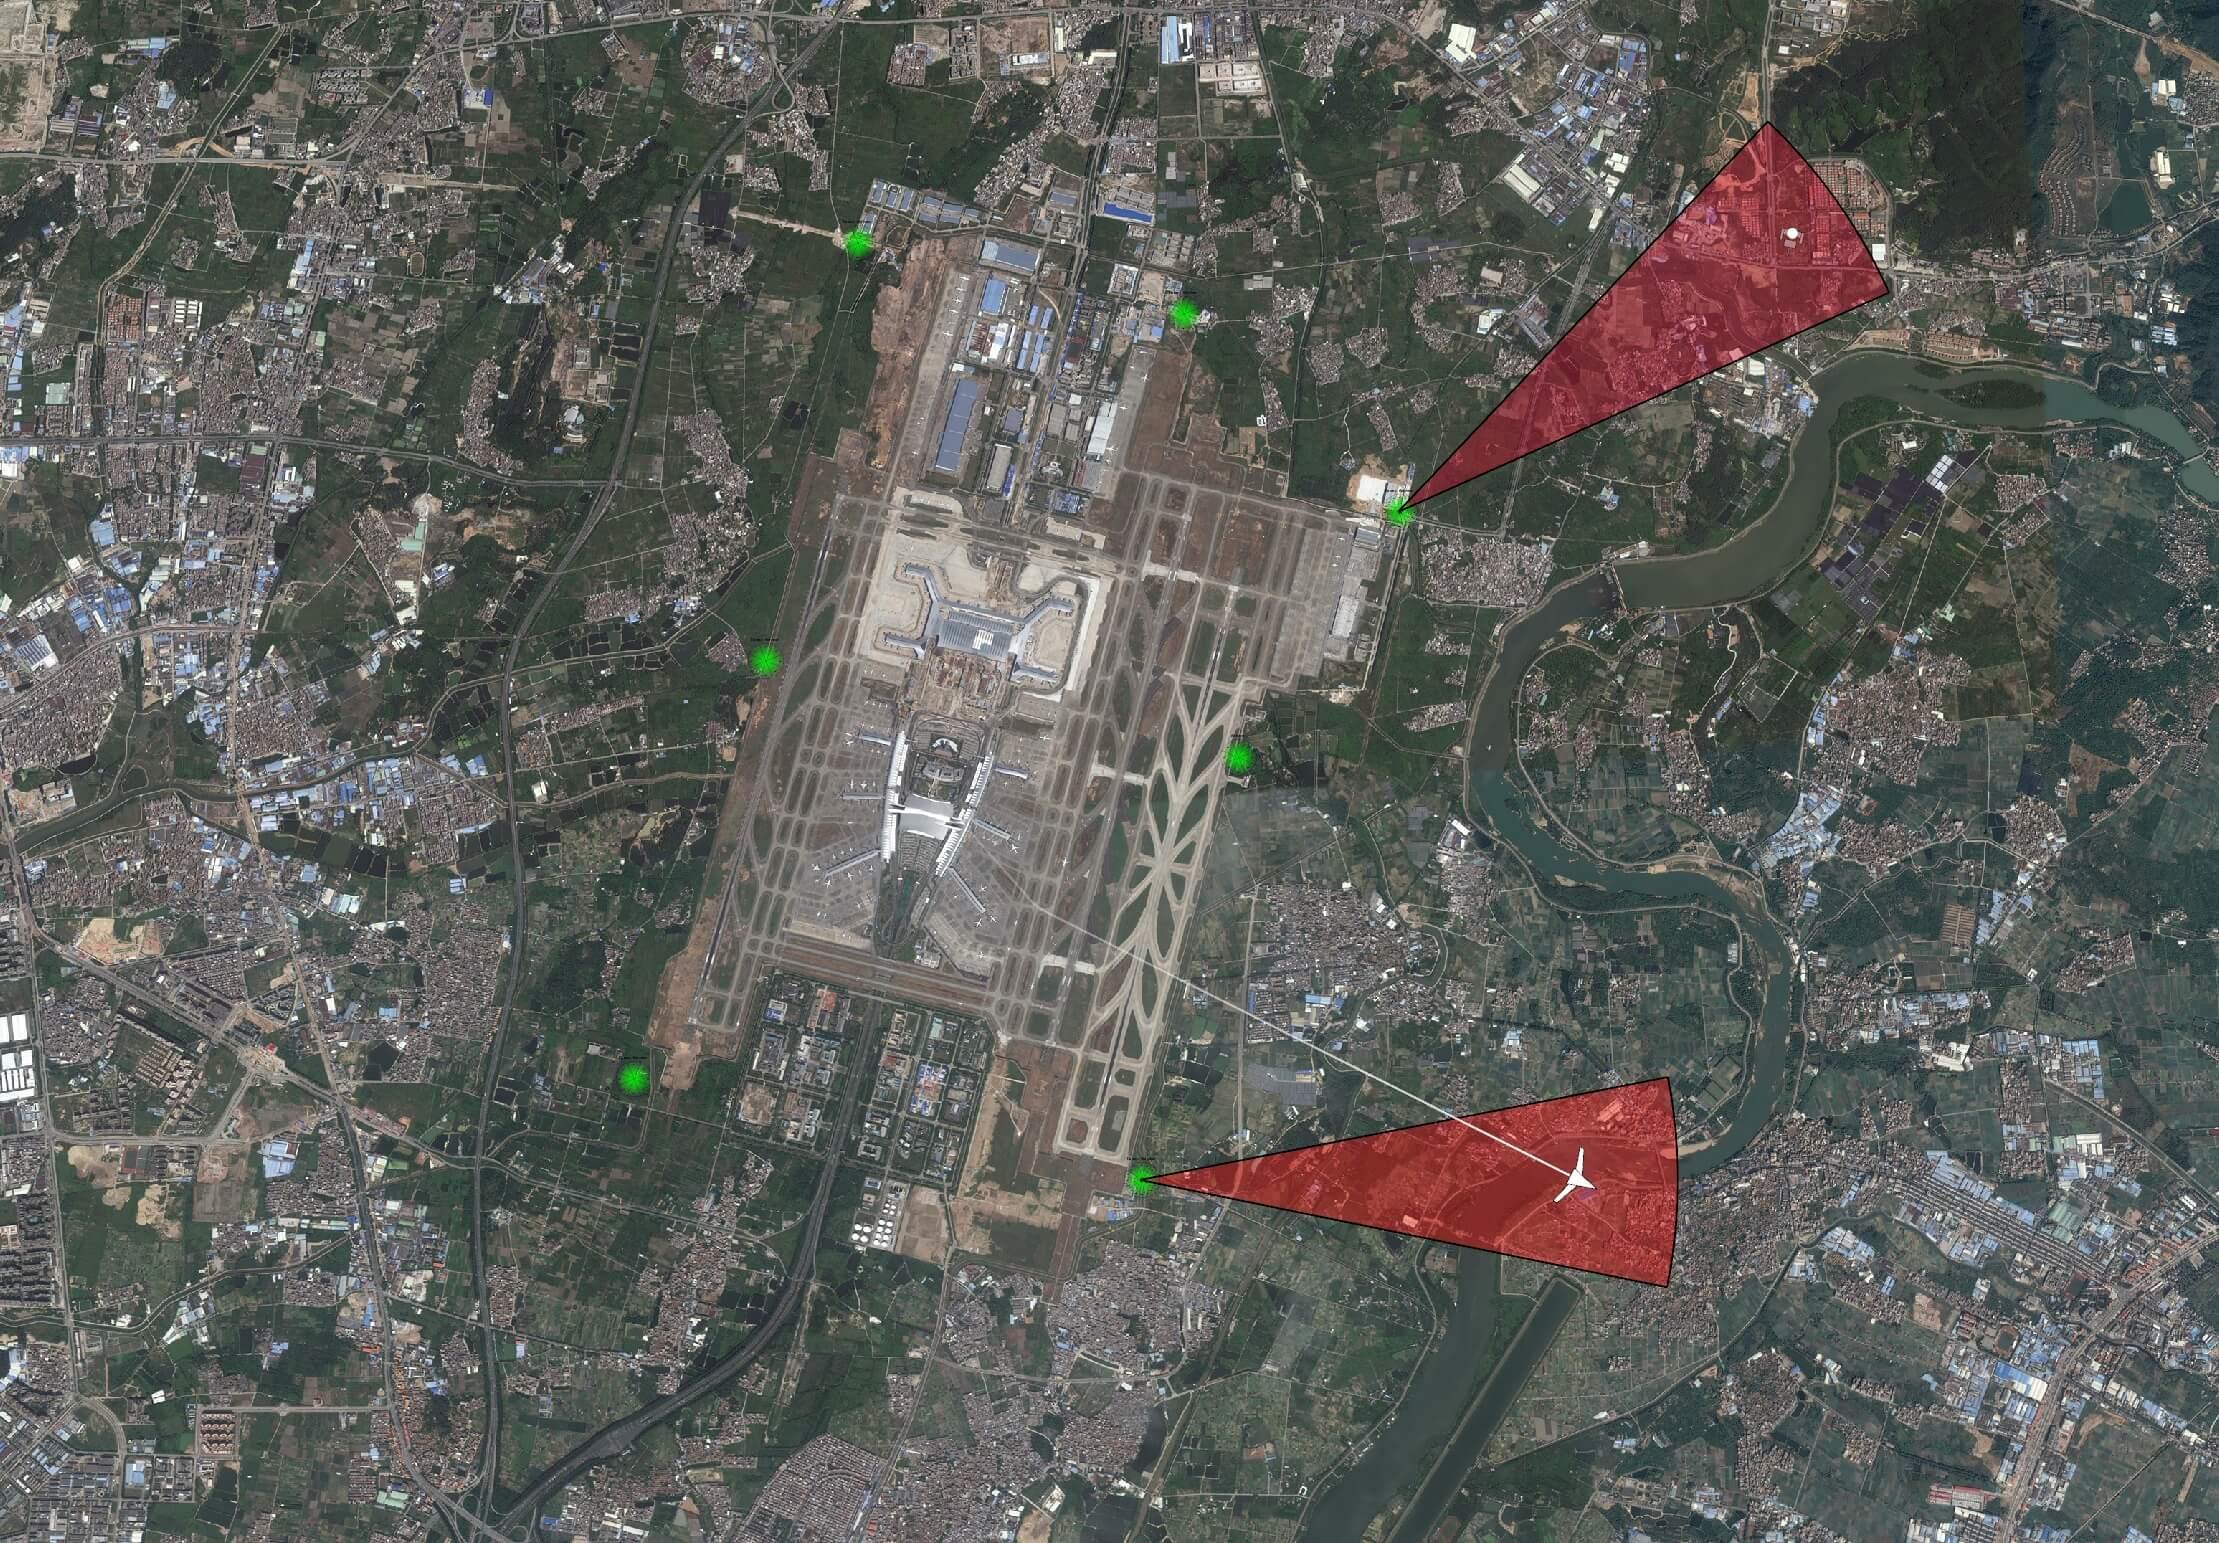 Drohnen Erkennungs Und Abwehrsystem Aaronia Ag